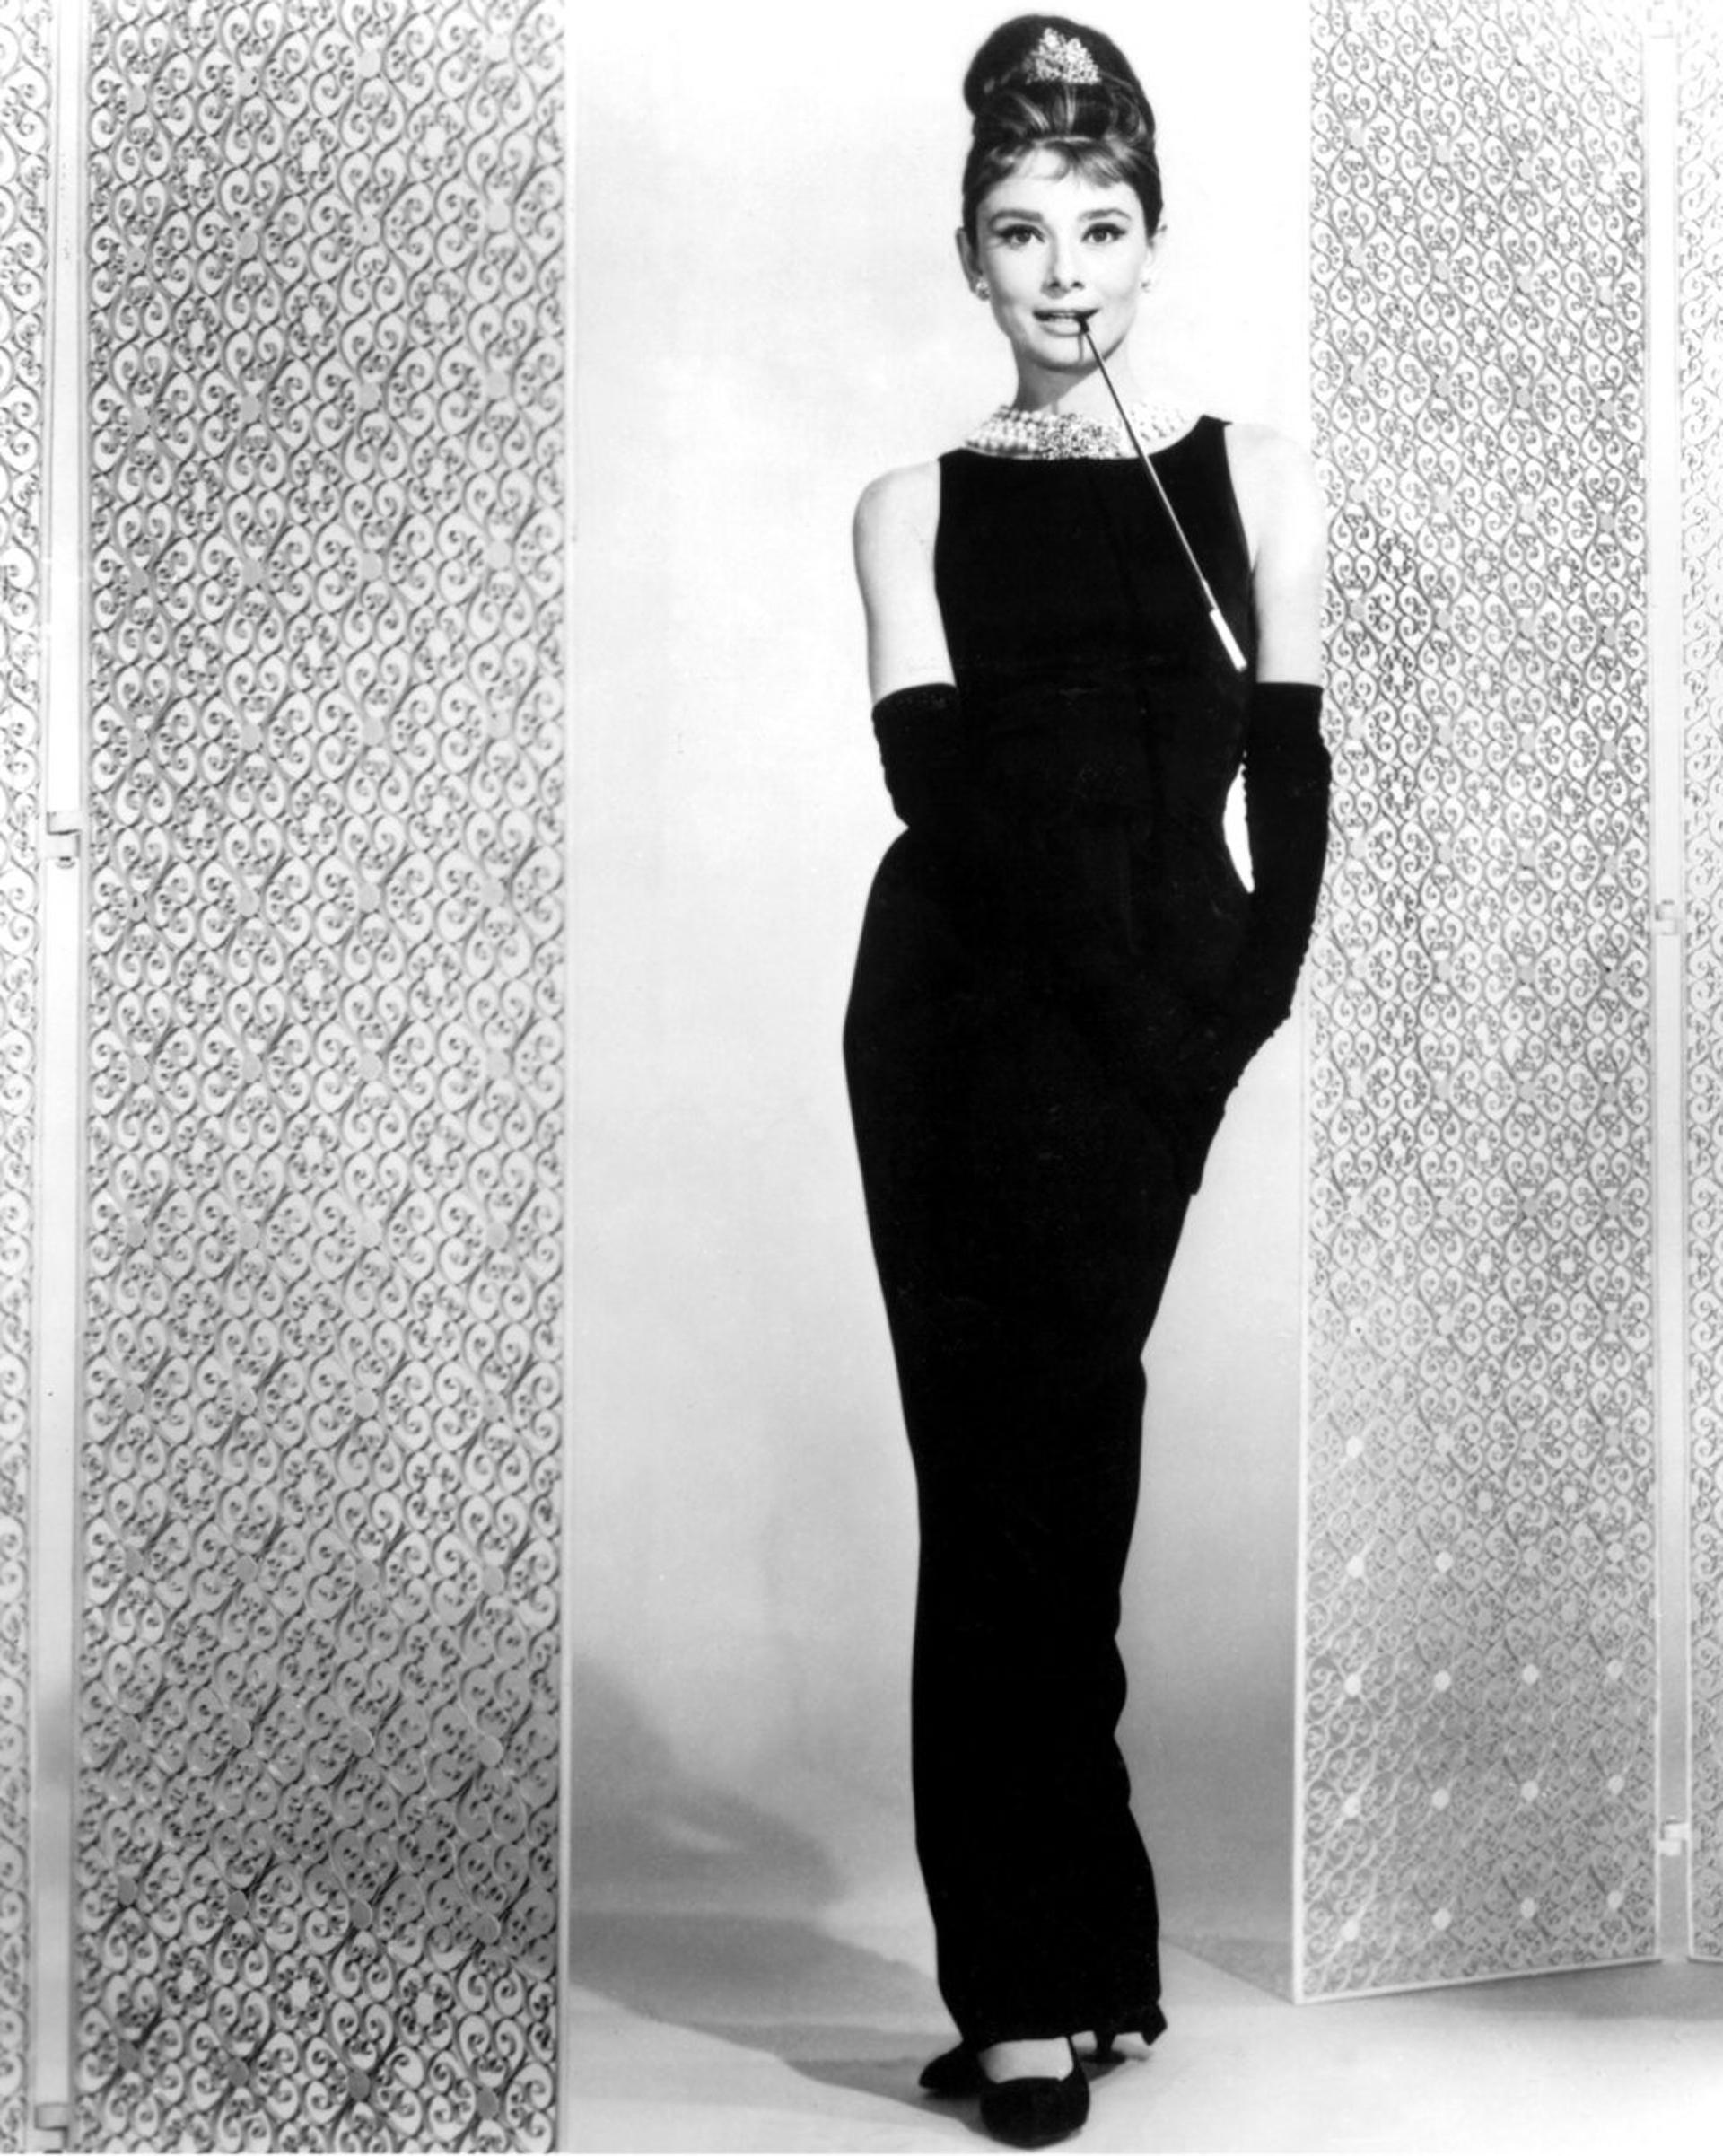 Audrey Hepburn en su película 'Breakfast at Tiffany's' lució un vestido sin mangas y guantes al codo en negro de Givenchy, diseñado exclusivamente para la actriz. A raíz de su película basada en su obsesión con la casa de joyas, lució una gargantilla de perlas y broche con brillantes